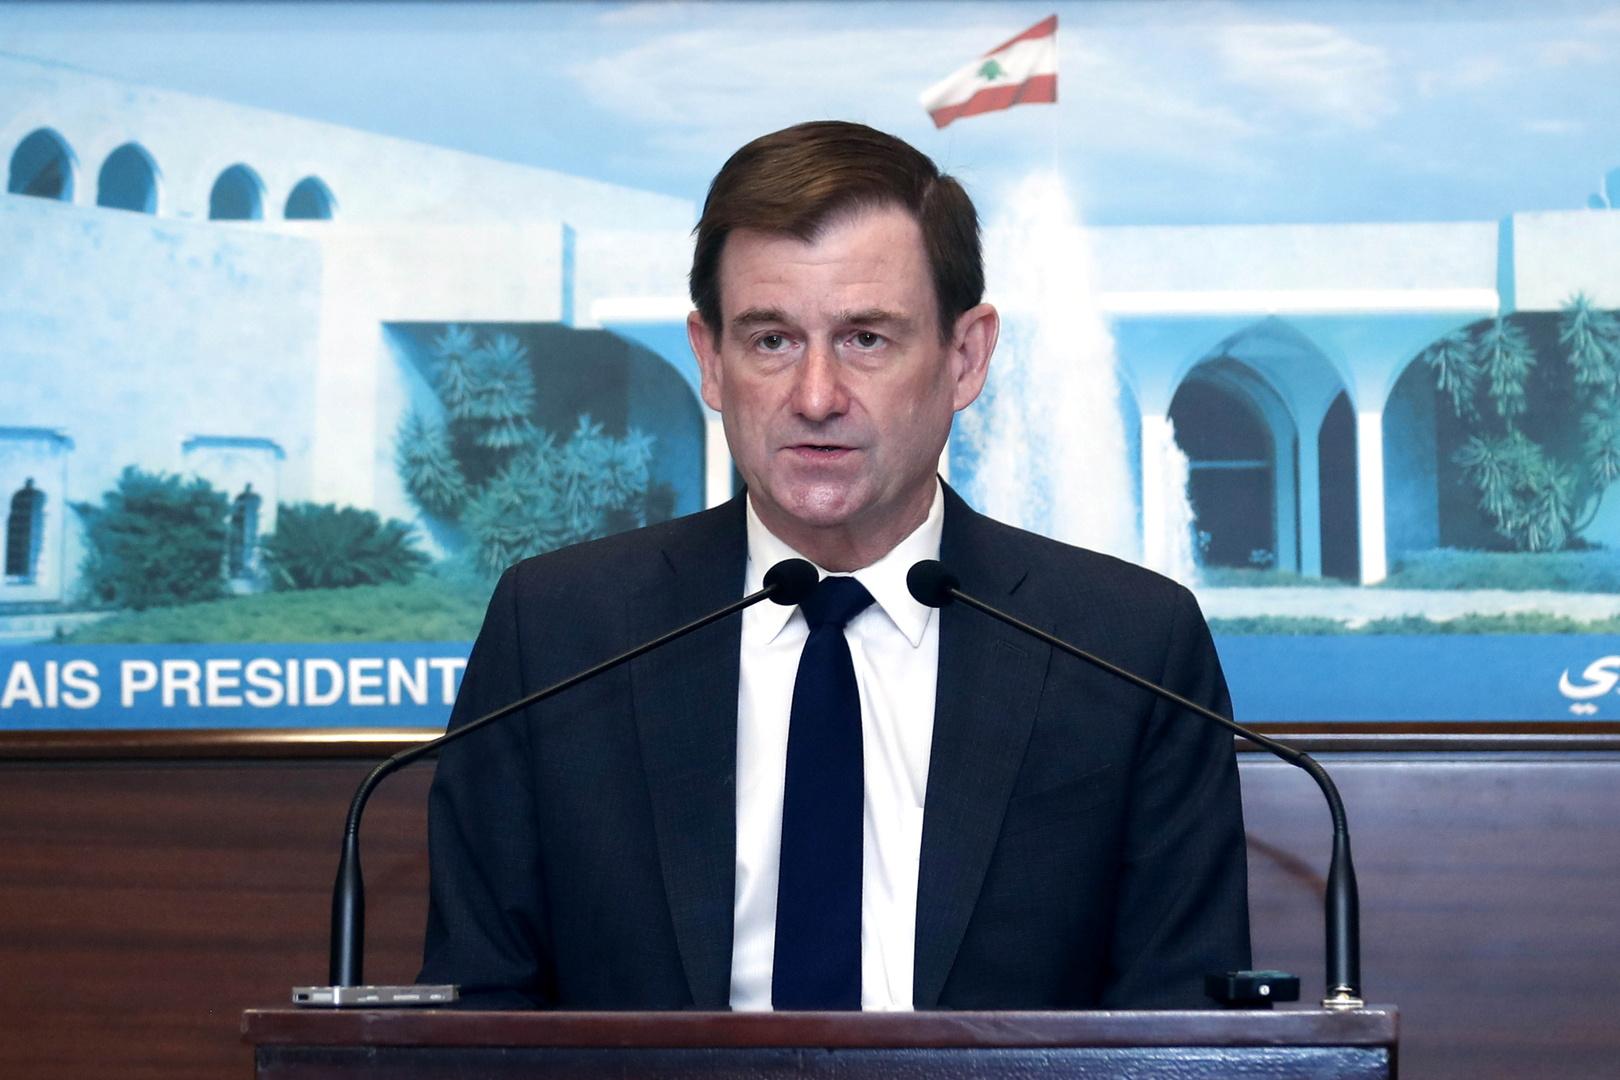 هيل: لبنان لن يحصل على خطة إنقاذ لكن الرغبة في الإصلاح قد تؤدي إلى مساعدة كبيرة